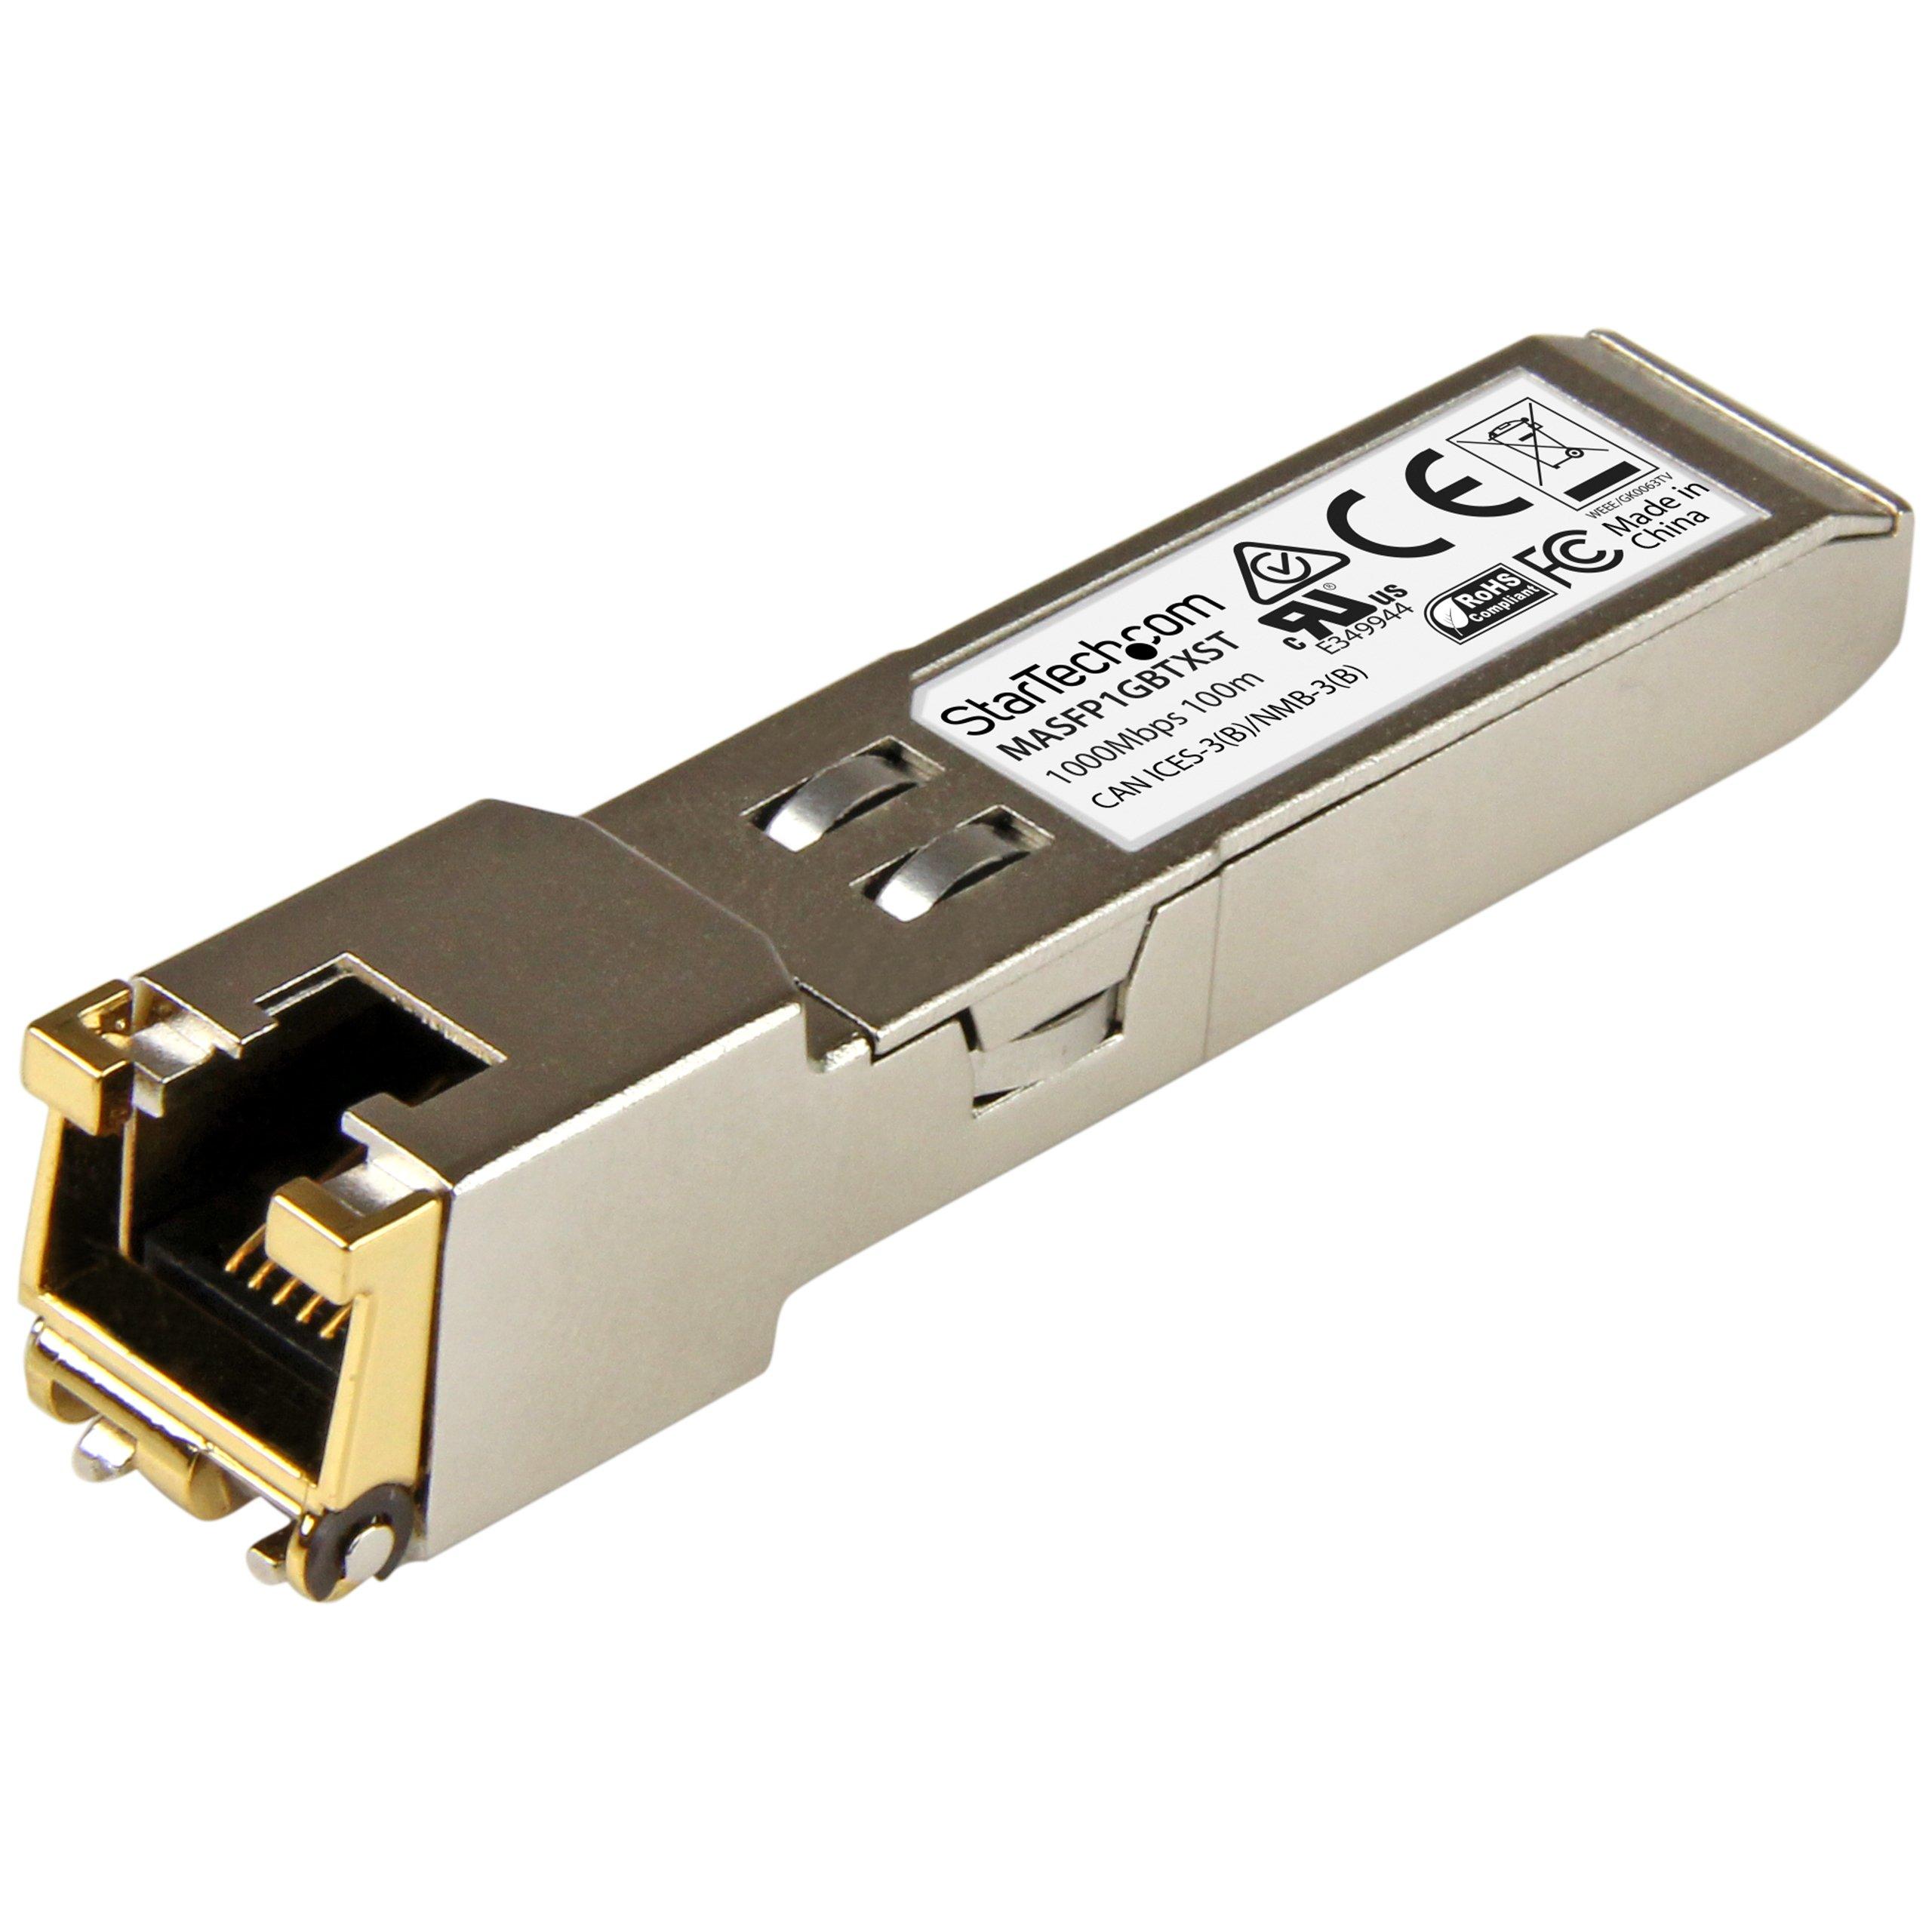 StarTech.com Cisco Meraki MA-SFP-1GB-TX Compatible SFP Module -100BASE-TX RJ45 Copper Transceiver (MASFP1GBTXST) by StarTech